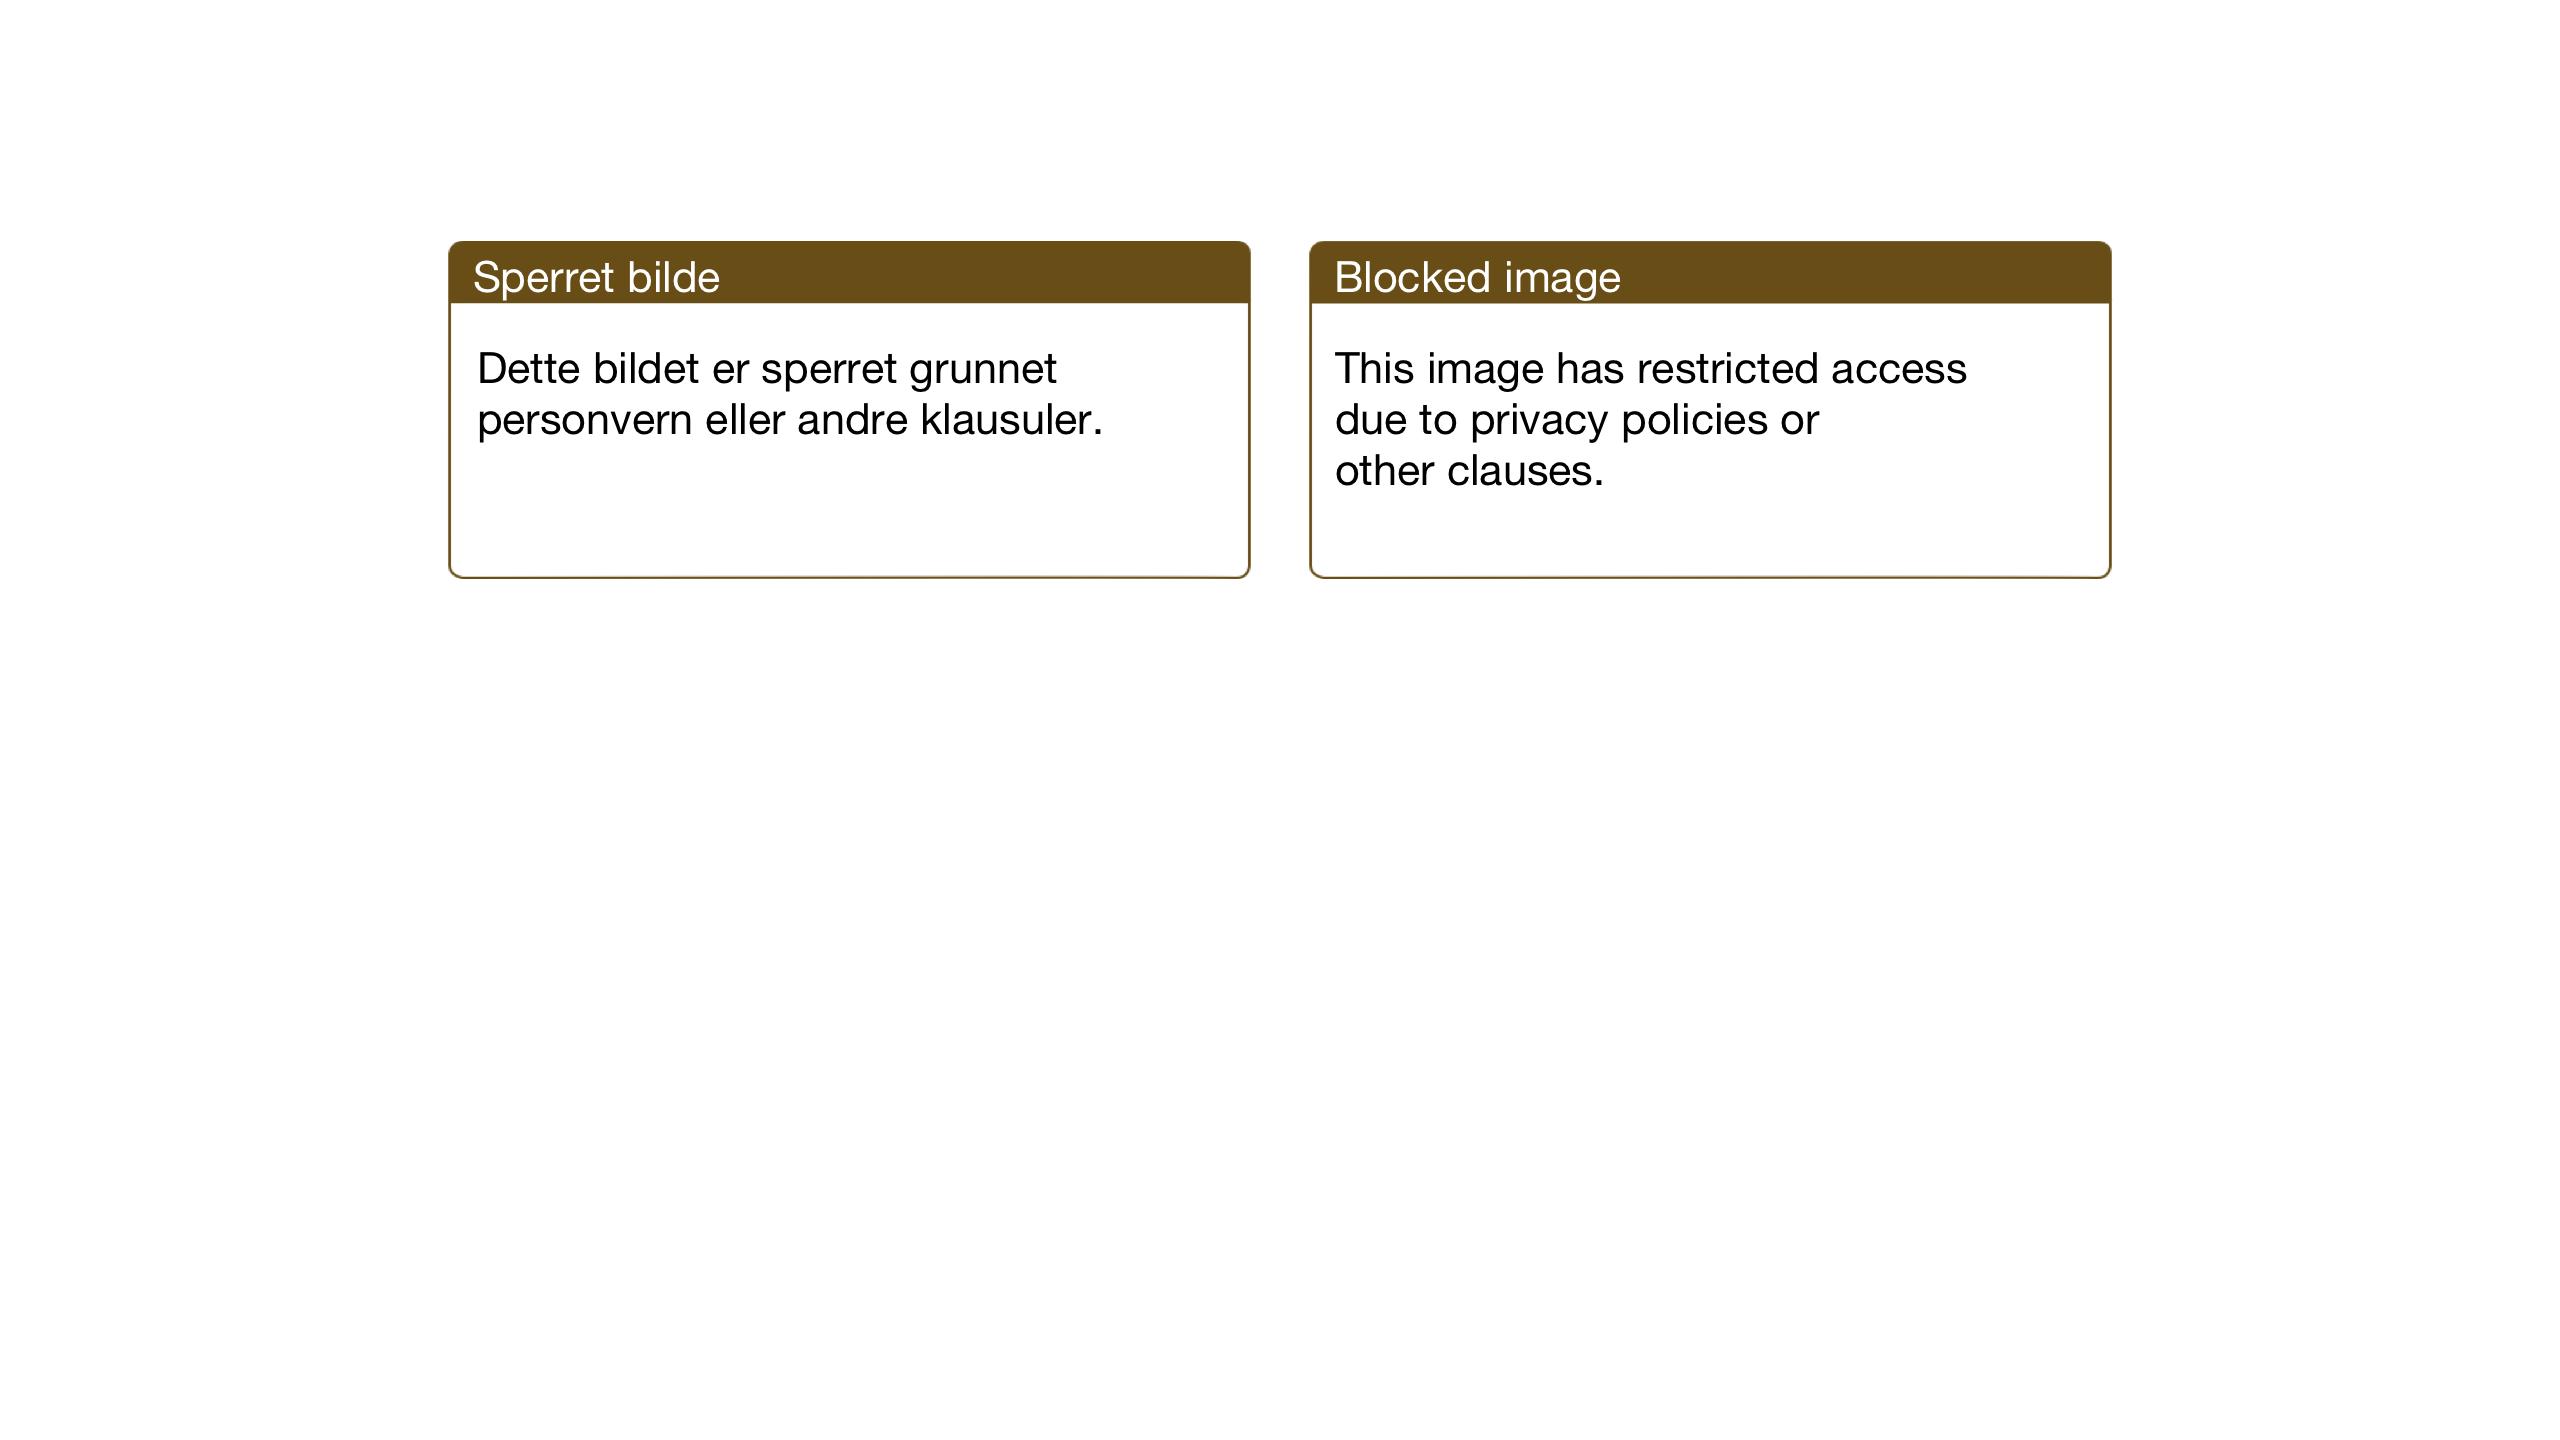 SAT, Ministerialprotokoller, klokkerbøker og fødselsregistre - Sør-Trøndelag, 635/L0556: Klokkerbok nr. 635C04, 1943-1945, s. 115